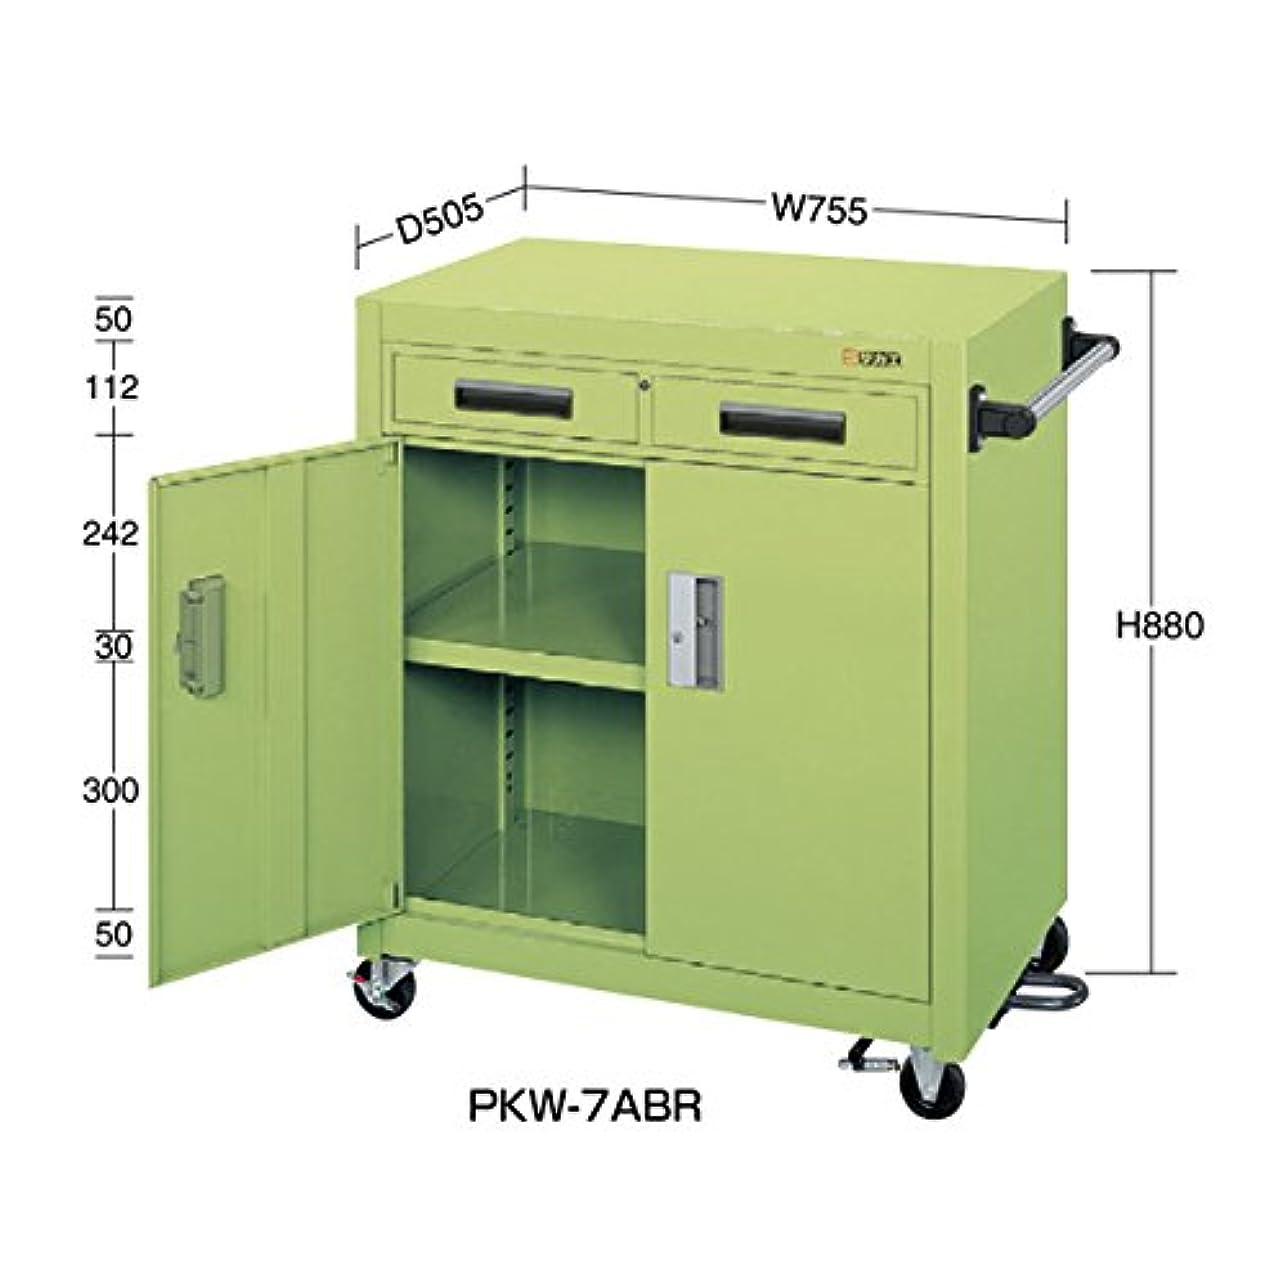 ネットライバル置き場サカエ パネルワゴン(フットブレーキ付) PKW-7ABR